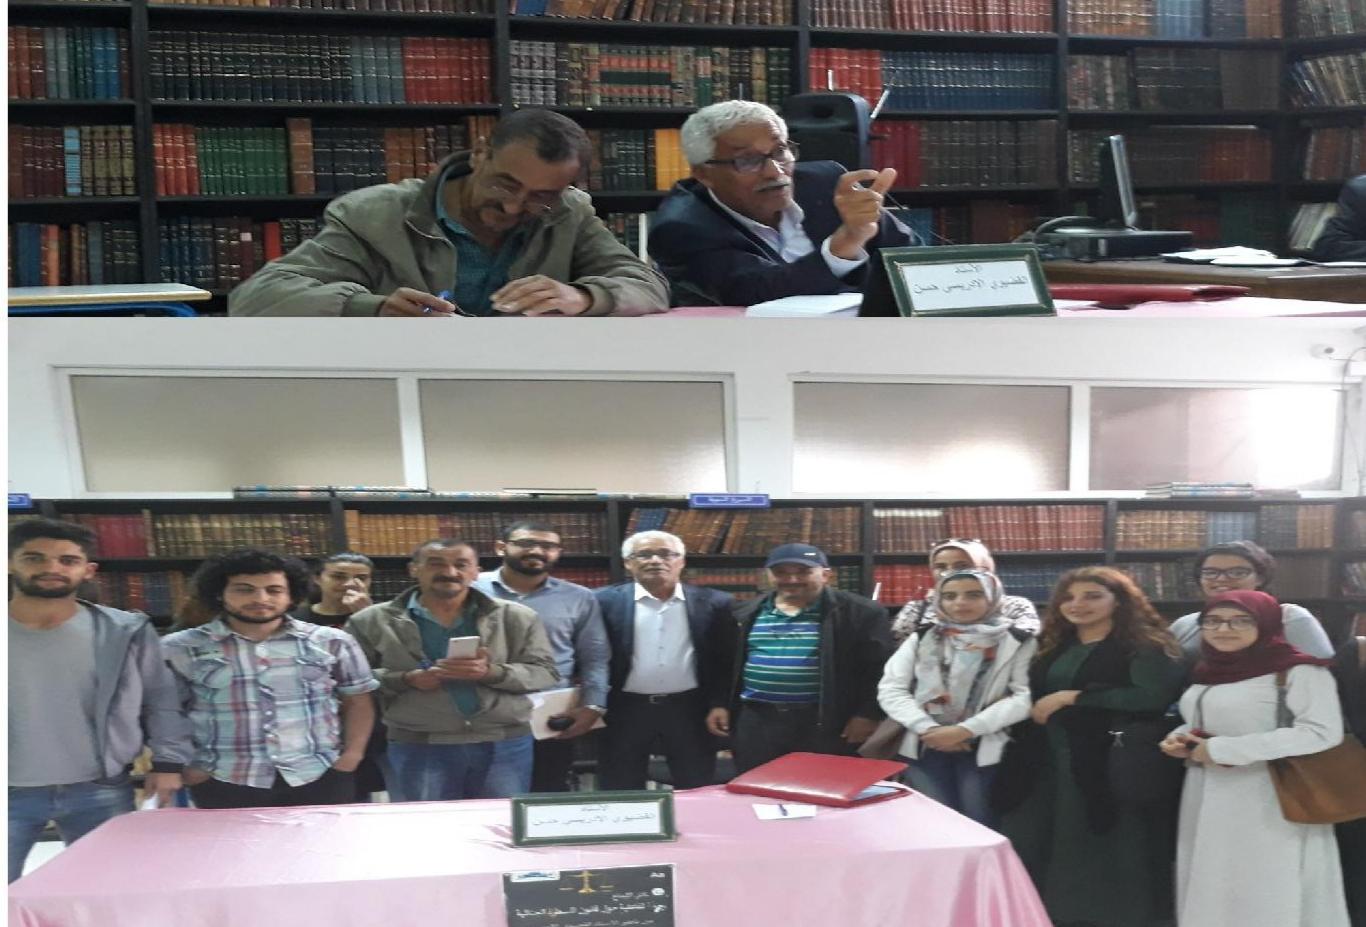 جمعية النجد تنظم ورشة حول قانون المسطرة الجنائية اطرها الاستاذ حسن القضيوي الادريسي